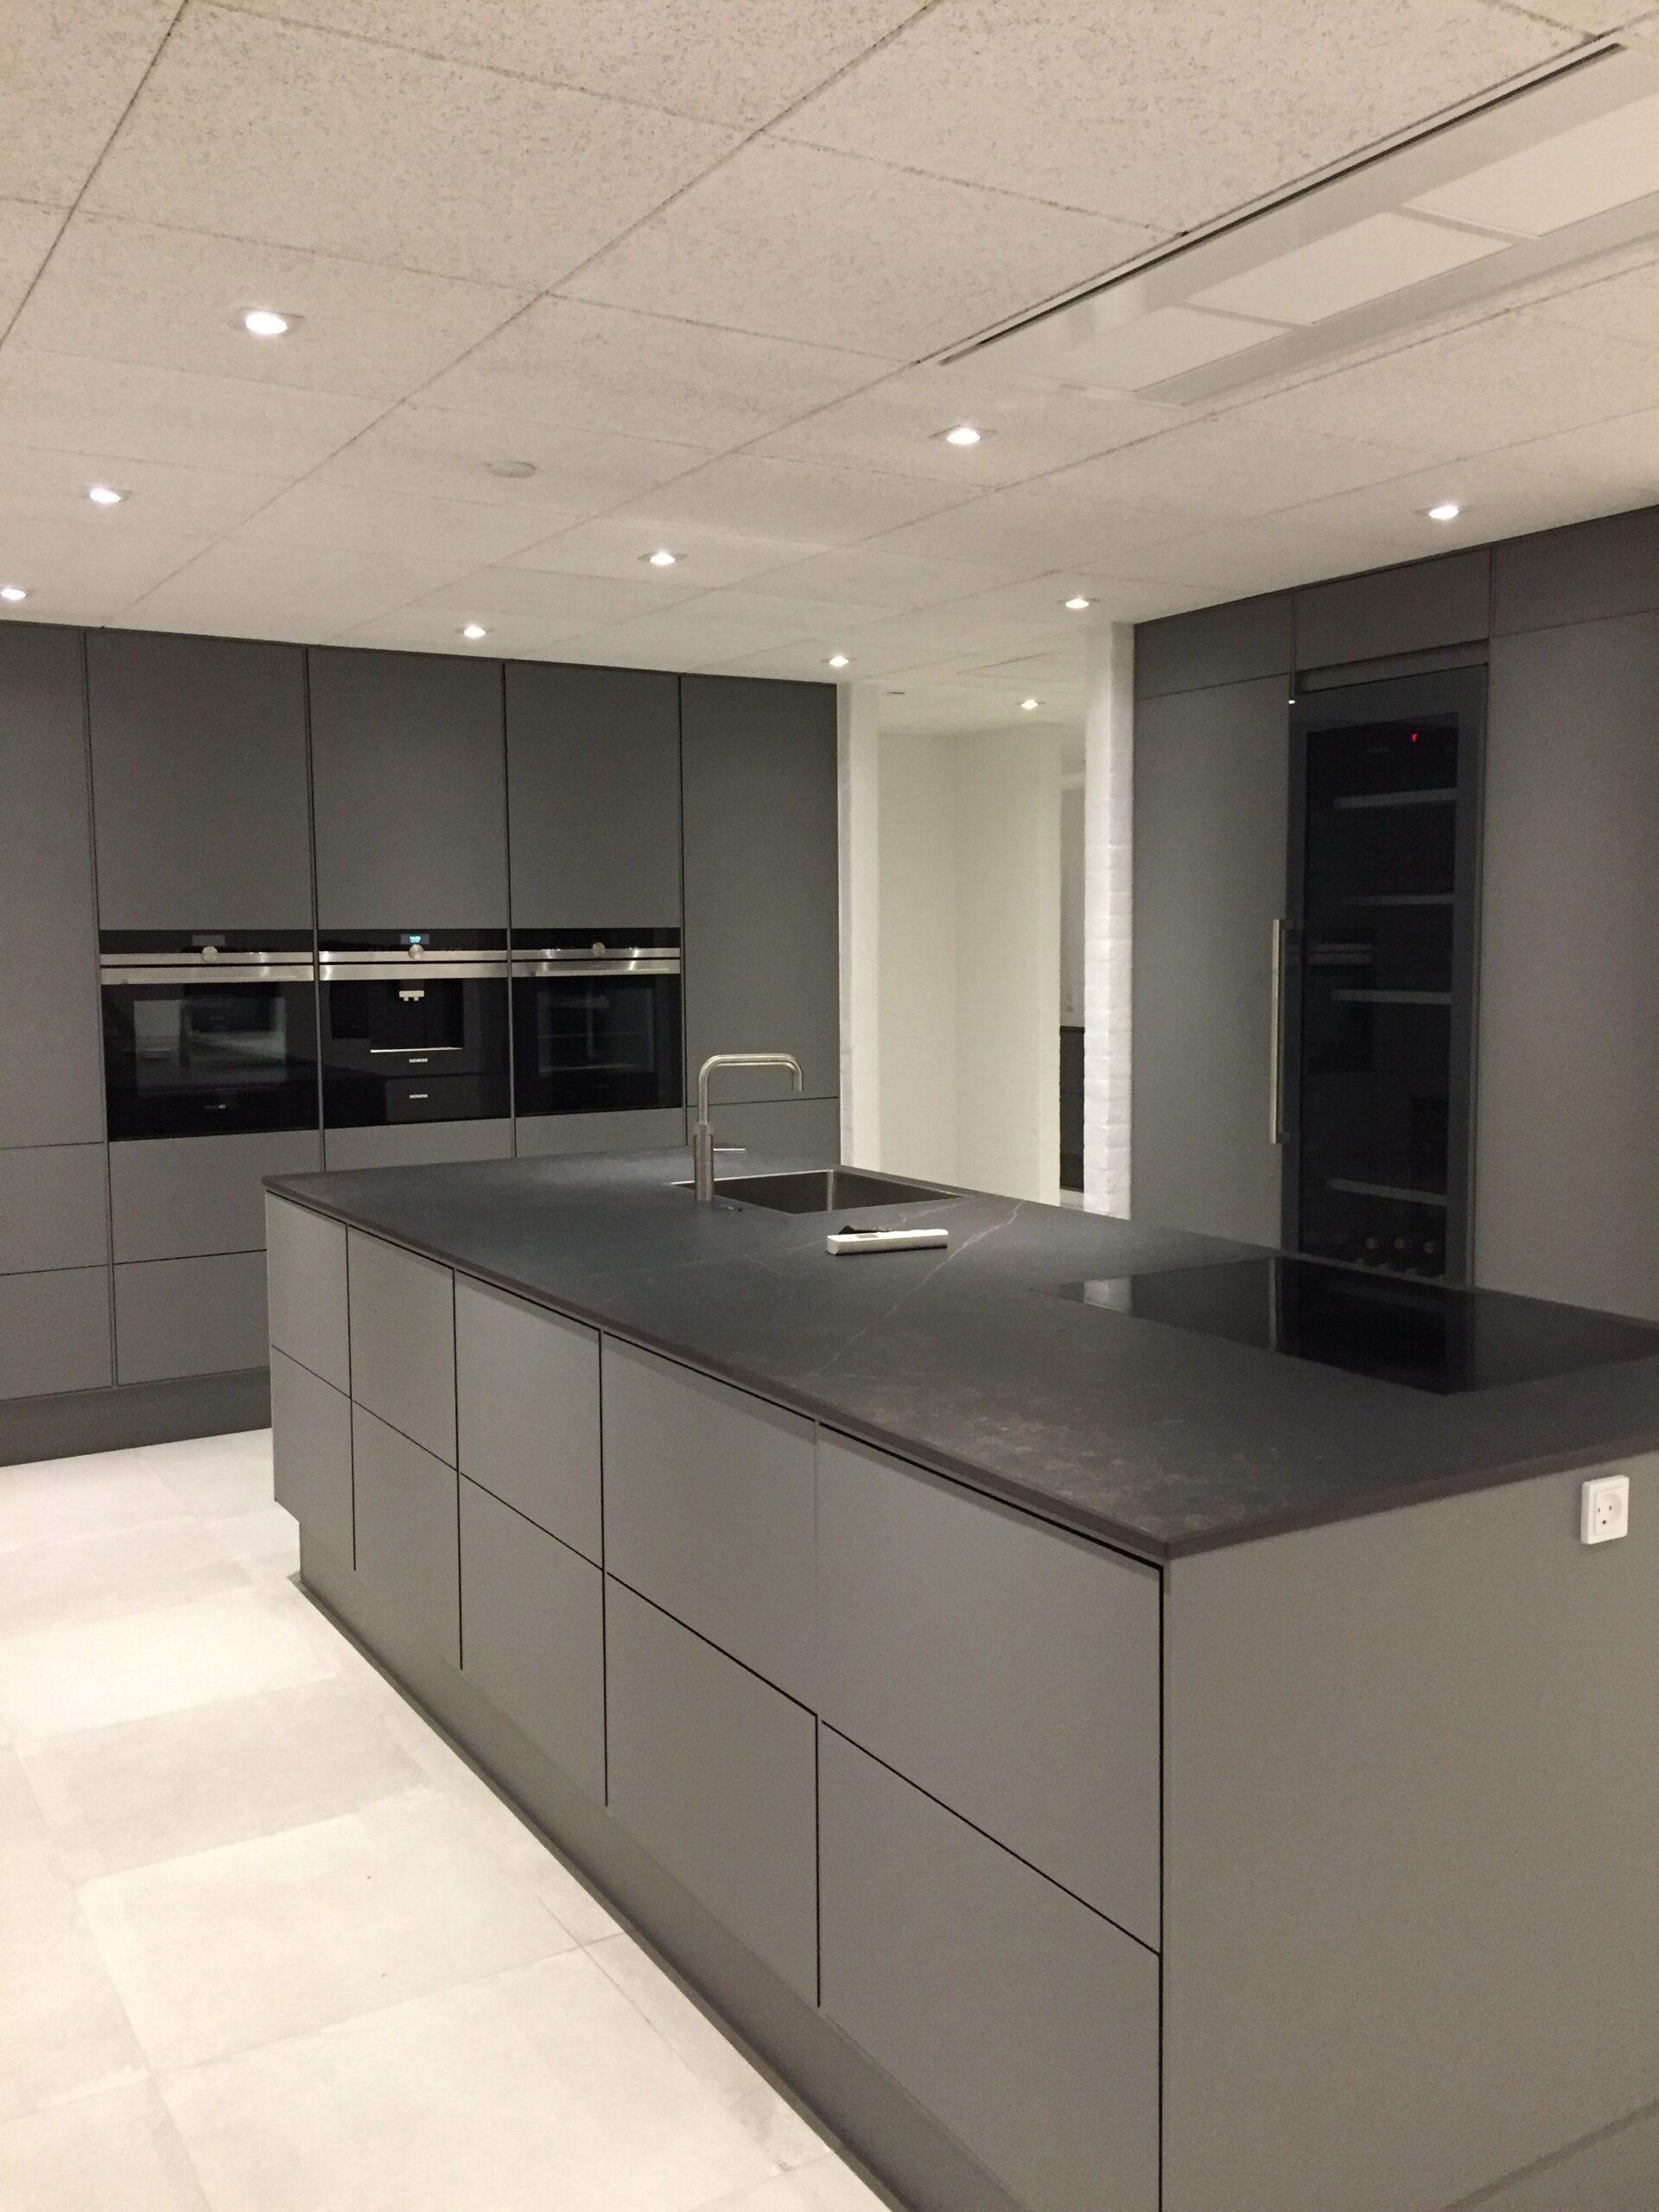 Full Size of Pin Von Yesy Ramirez Auf Casa Villa Real In 2020 Graue Kchen Küchen Regal Wohnzimmer Real Küchen